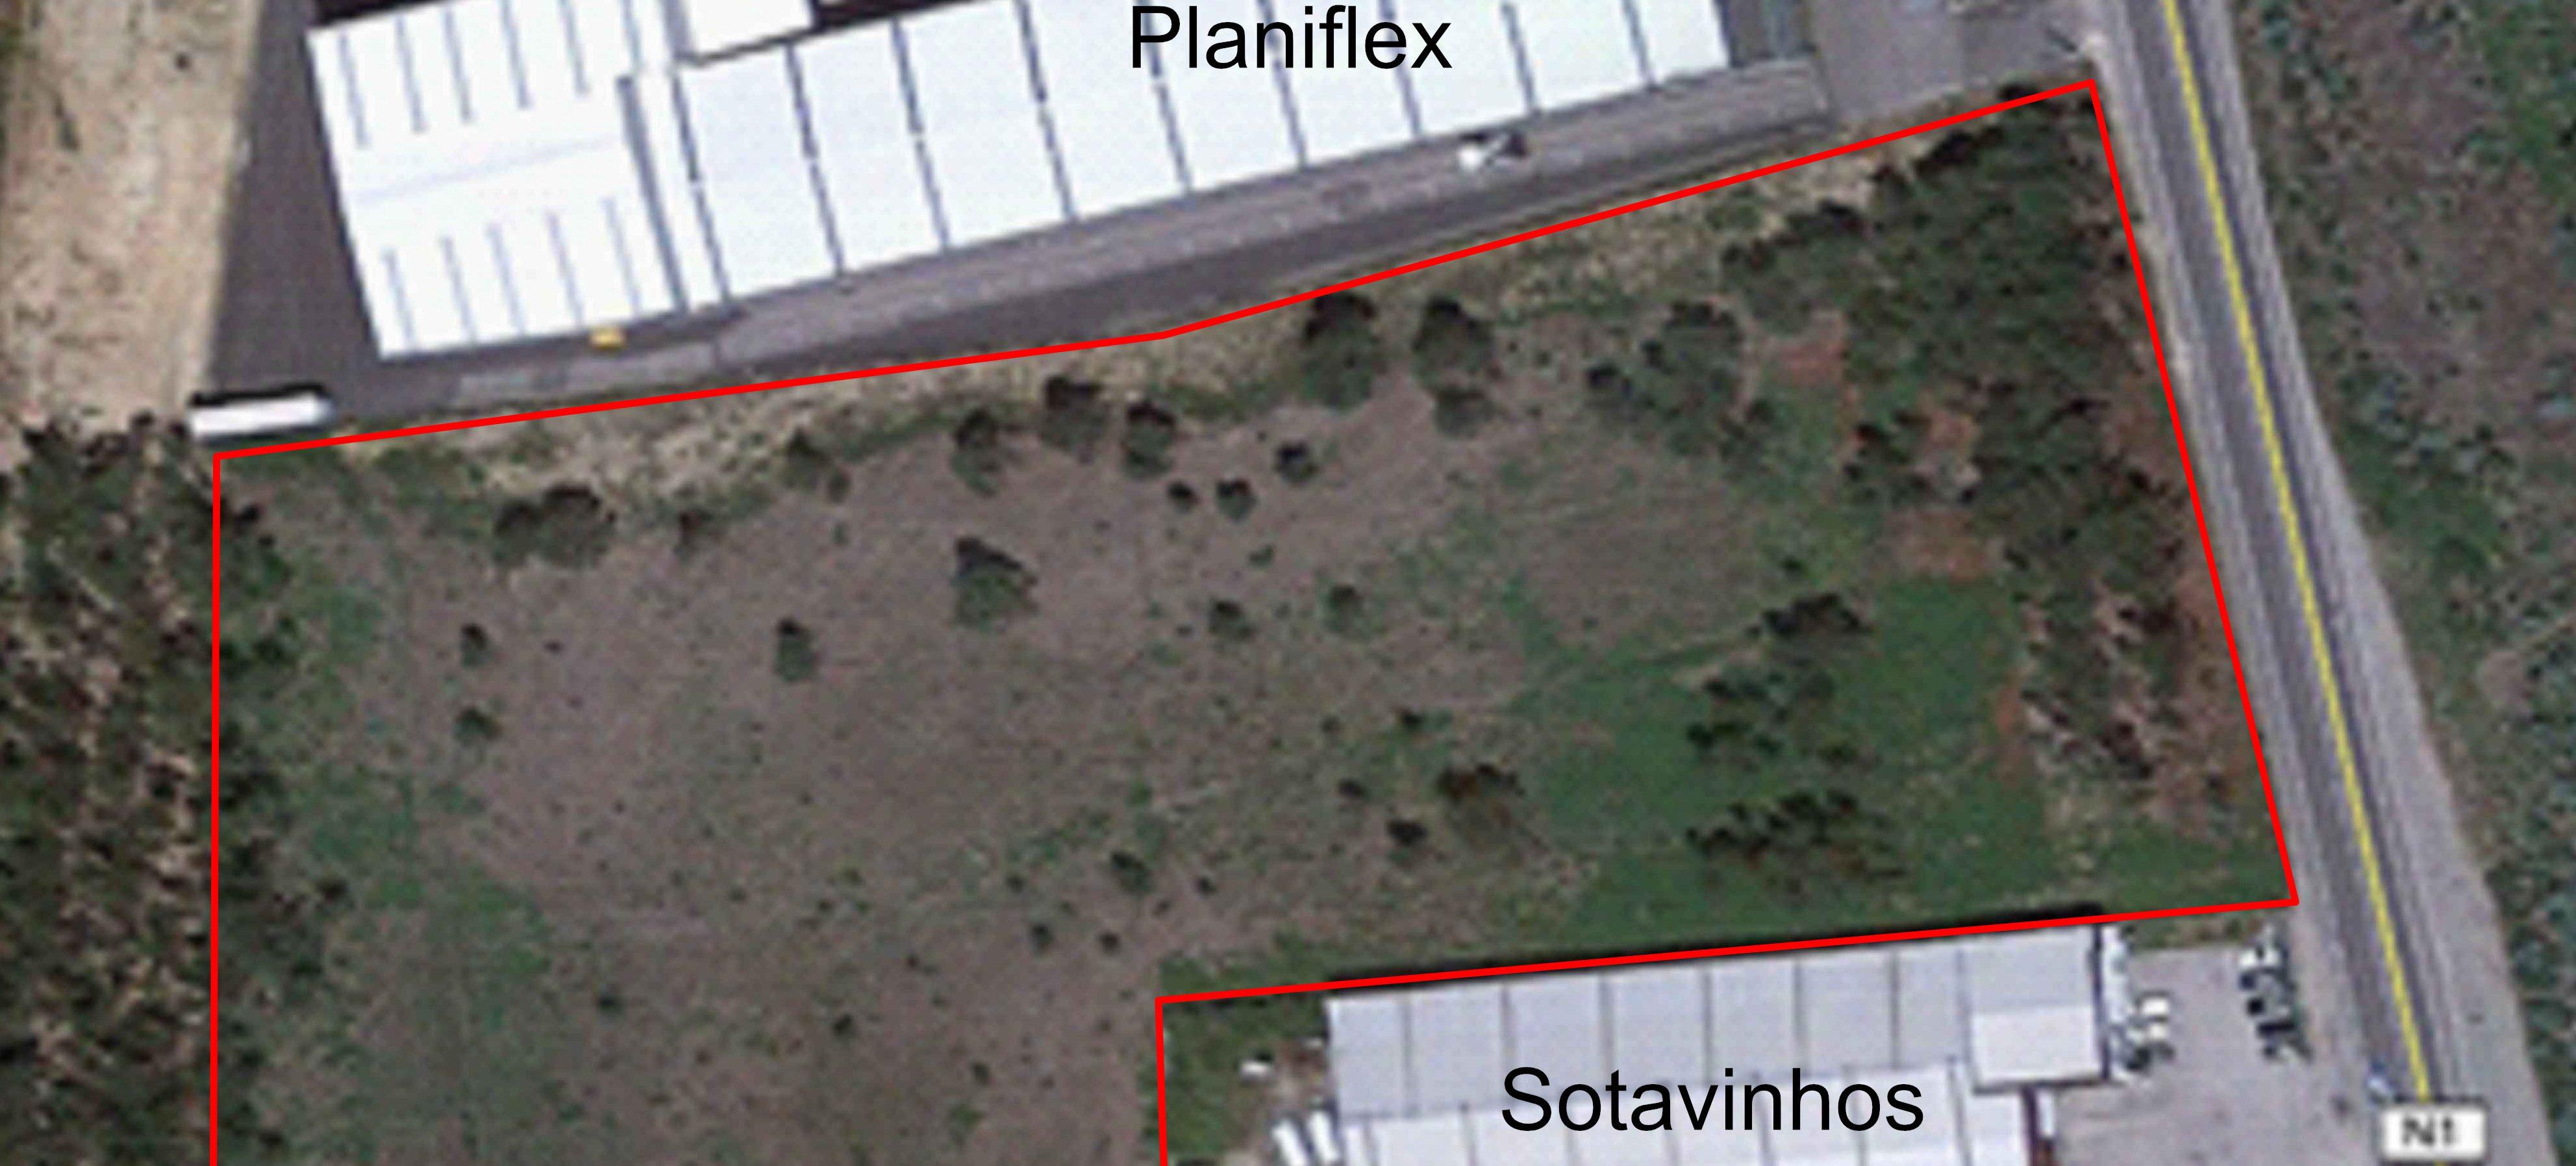 TERRENO LOCALIZADO NA ZONA INDUSTRIAL DE ALBERGARIA-A-VELHA COM  20750,00 m2